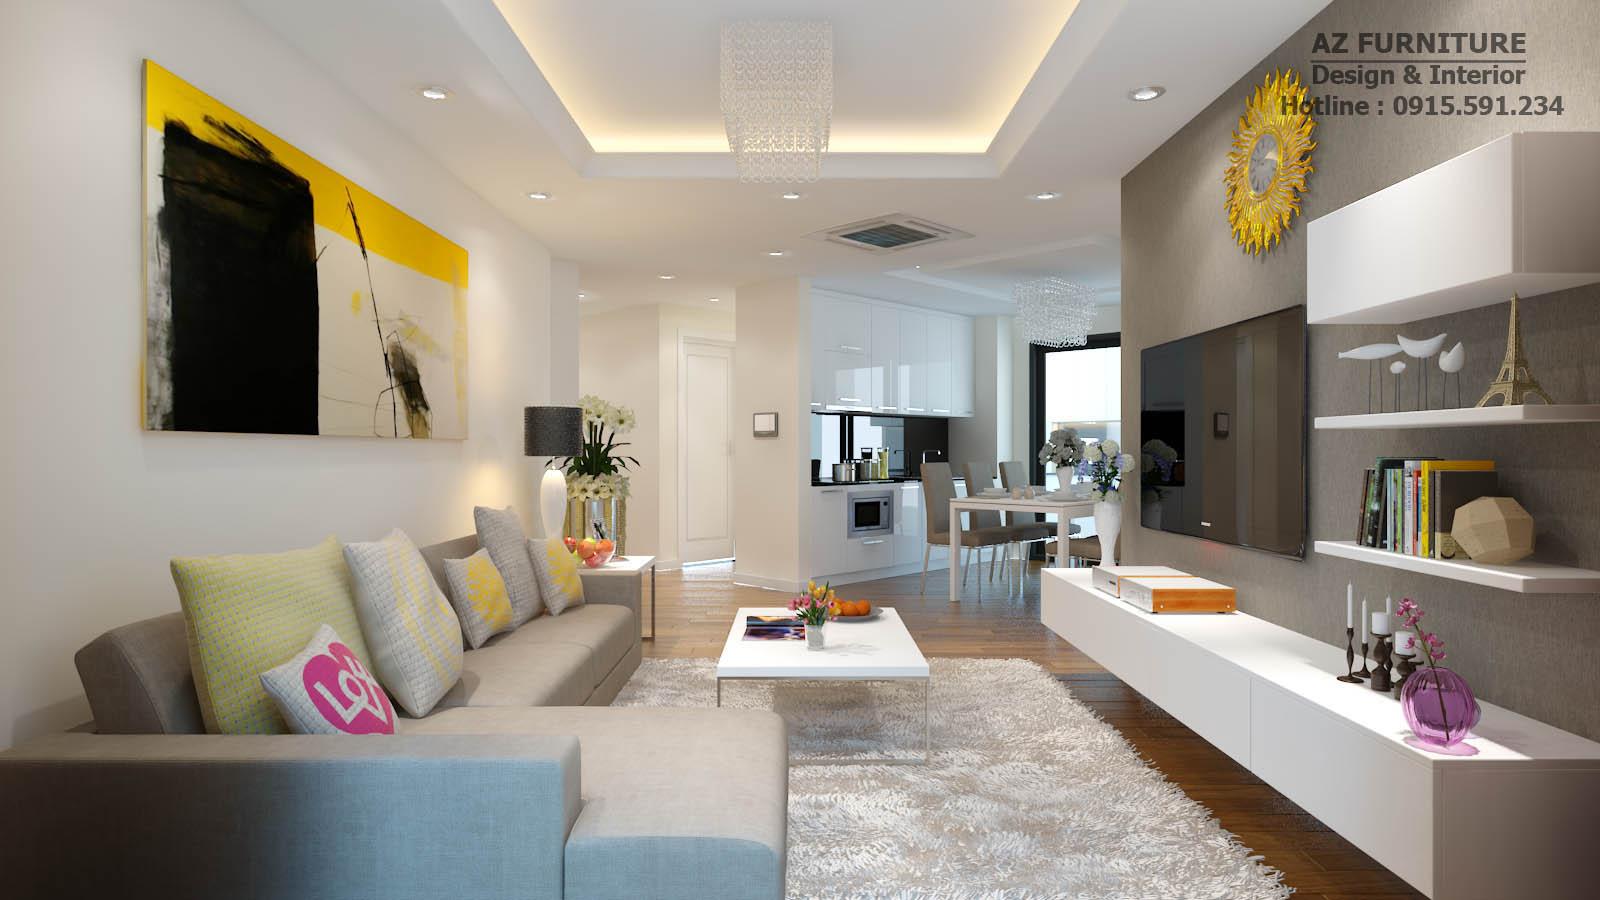 Phòng khách thanh lịch với gam trắng chủ đạo kết hợp bộ sofa hiện đại cùng tone màu tạo không gian sang trọng hiện đại cho phòng khách anh Thuật.